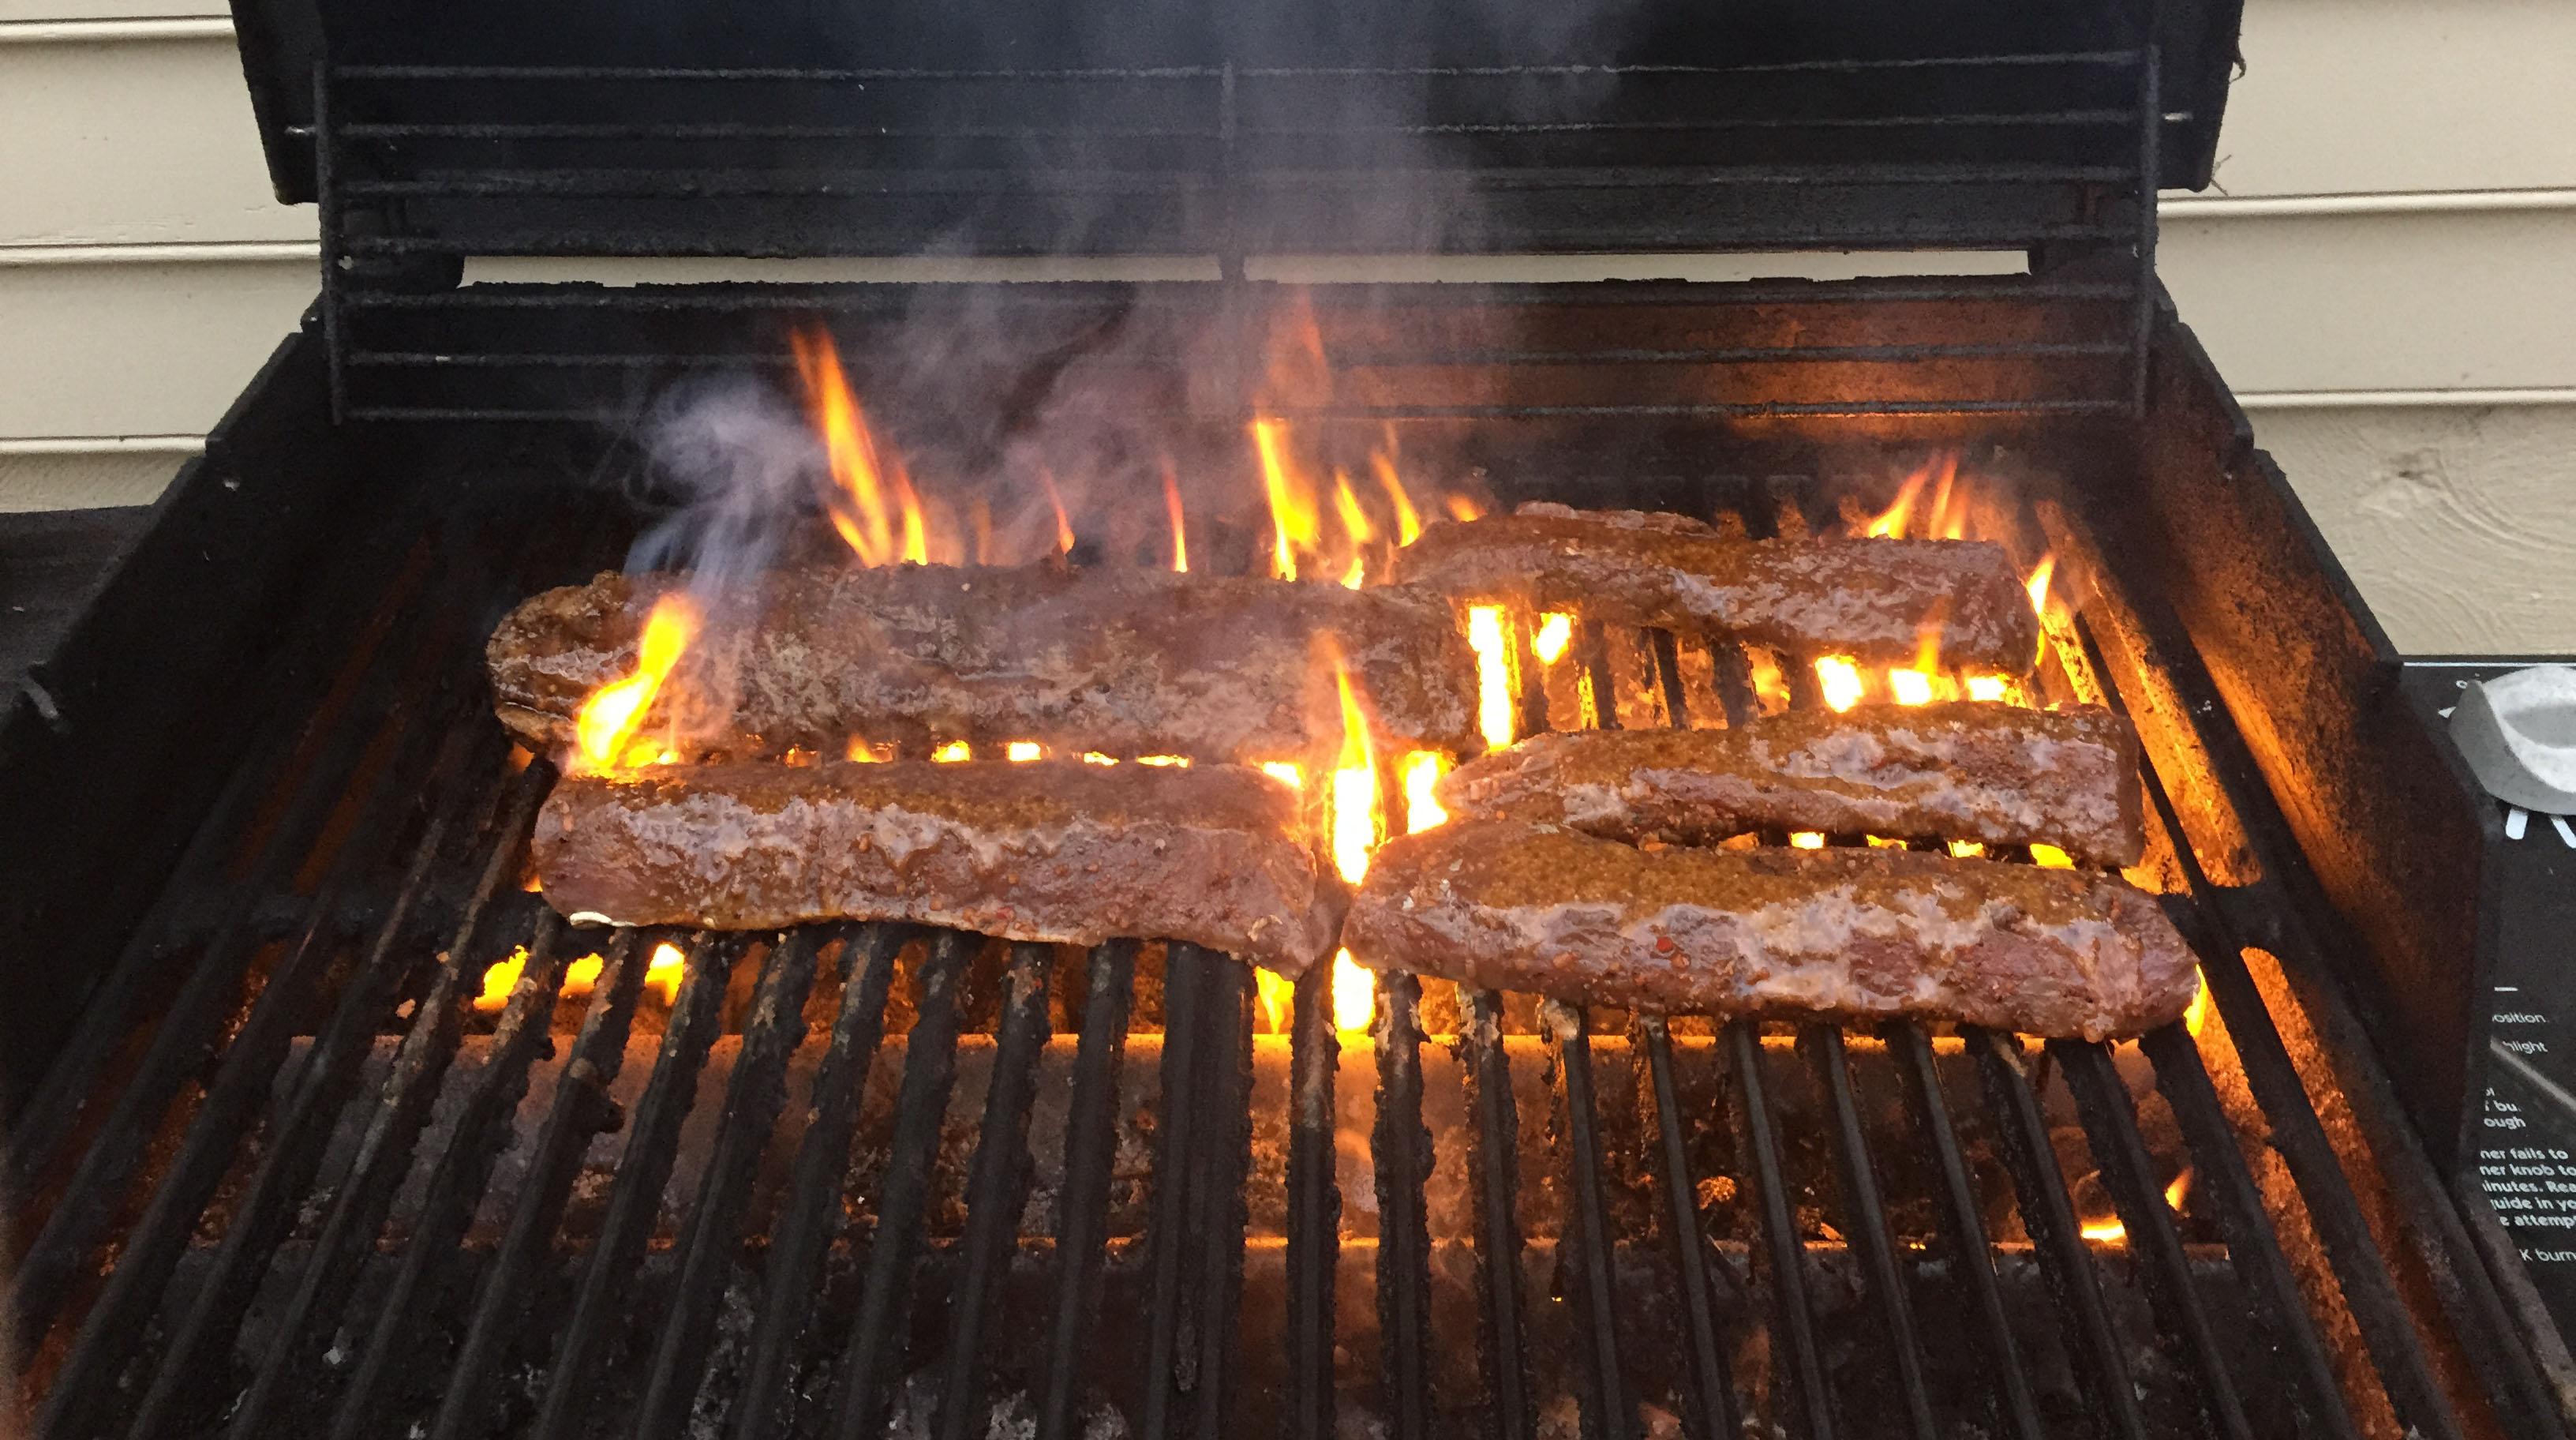 Venison grilling